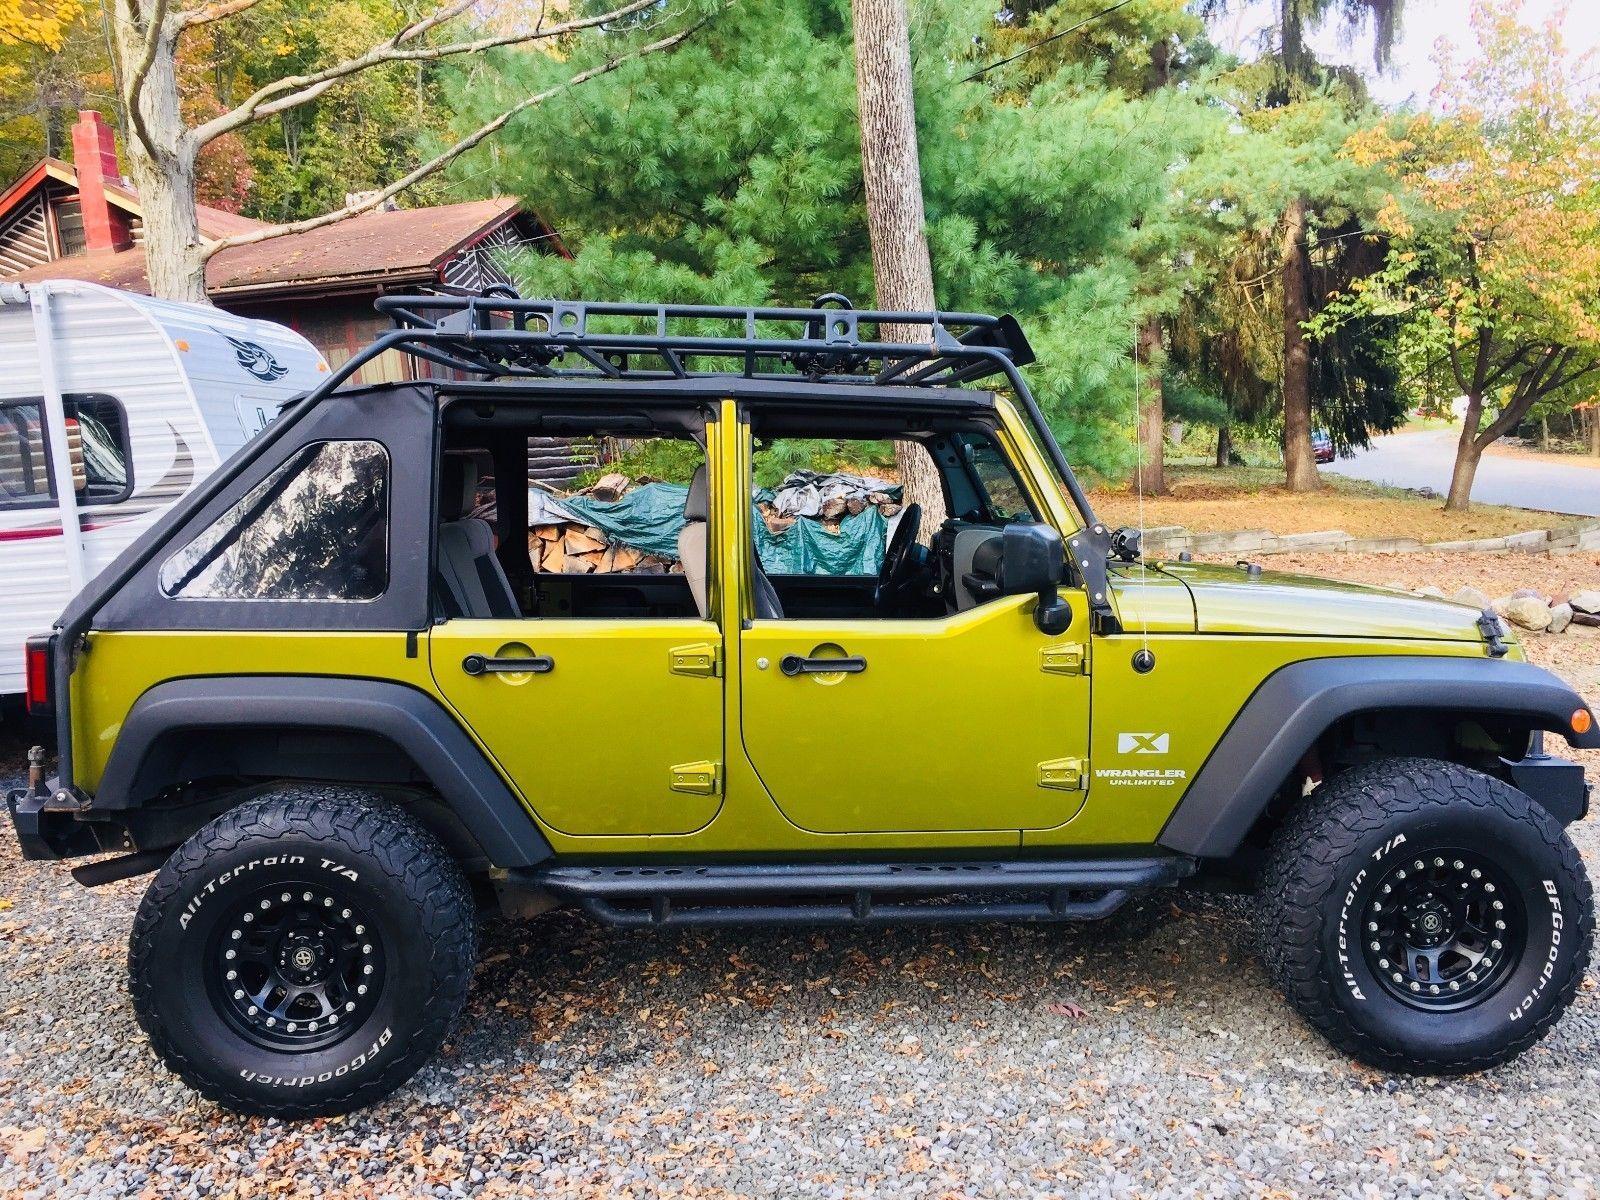 2008 Jeep Wrangler 4 Door Jku Soft Top With Steel Half Doors 4 Door Jeep Wrangler 2008 Jeep Wrangler Jeep Wrangler